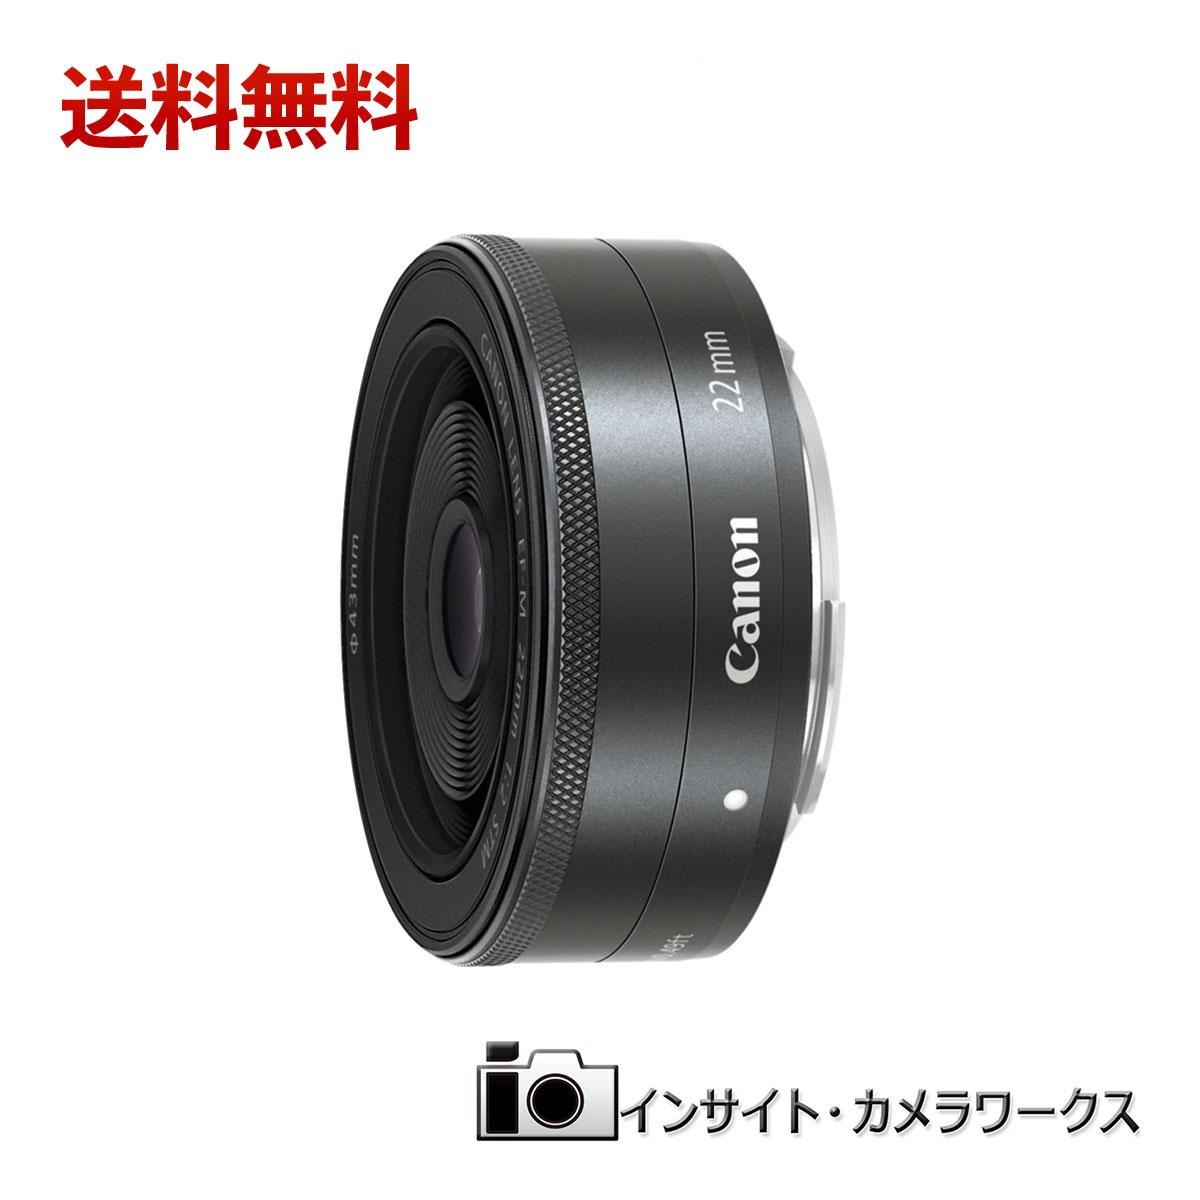 【特別価格】Canon 単焦点広角レンズ EF-M22mm F2 STM ミラーレス一眼対応 キヤノン